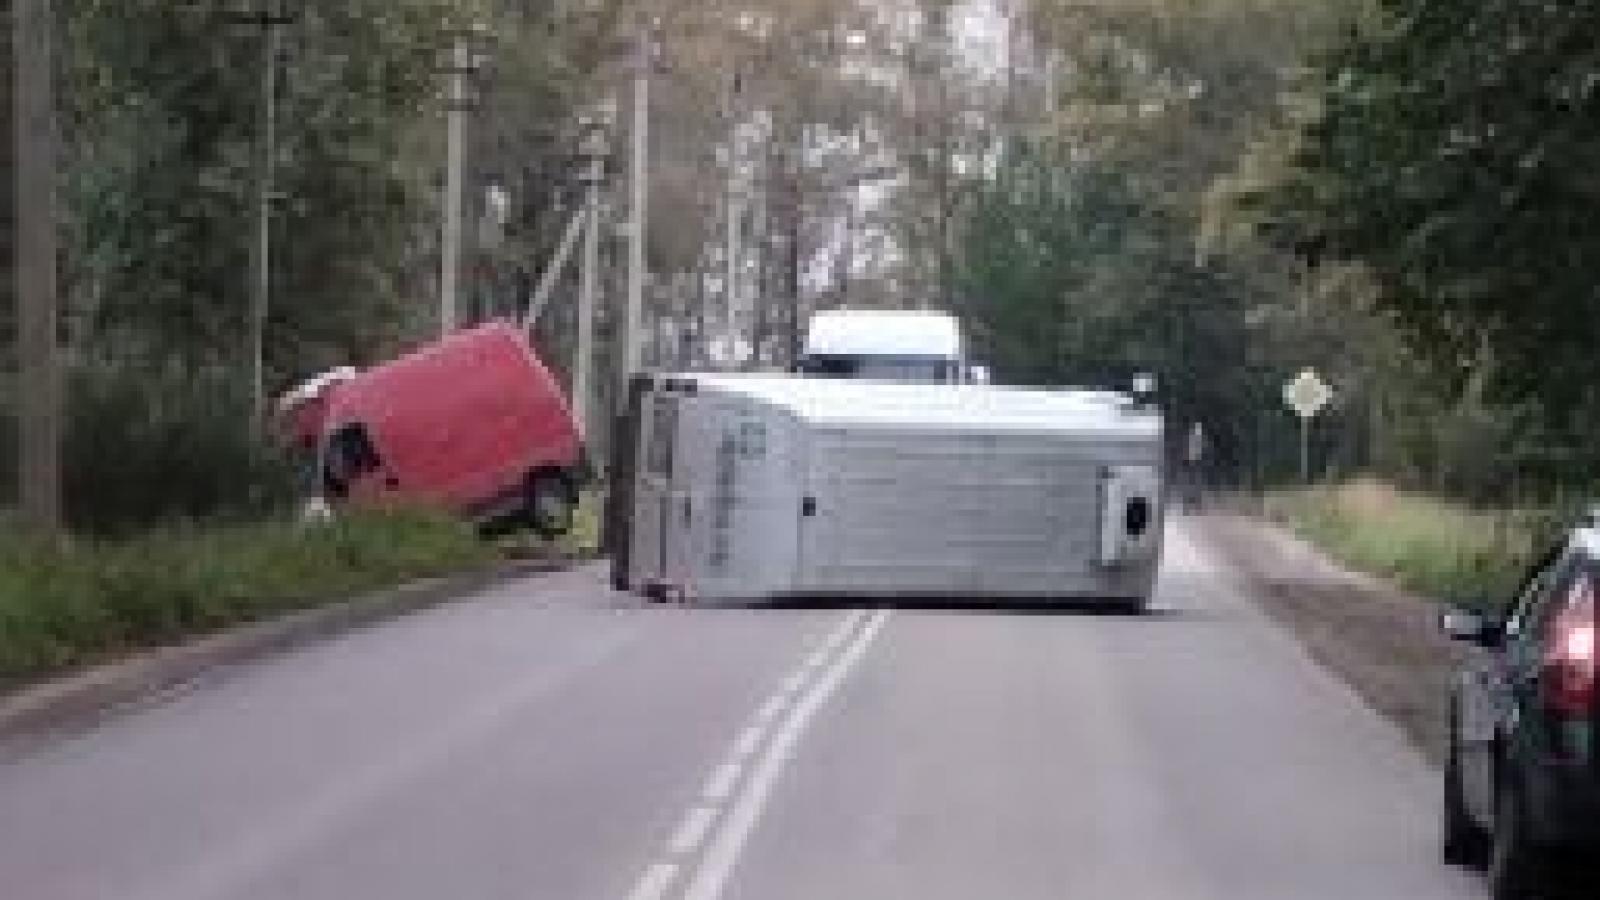 Микроавтобус перегородил Пошехонское шоссе в результате аварии